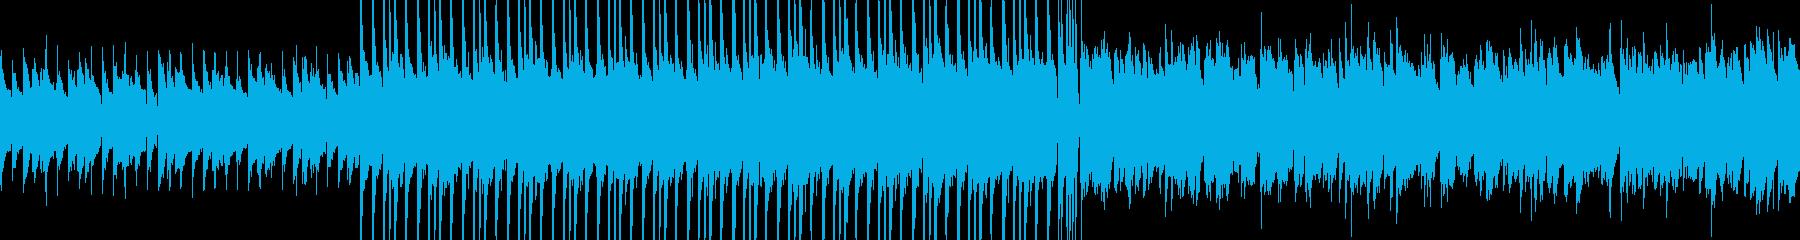 【ループ】ワイルド・ローテンポなロックの再生済みの波形